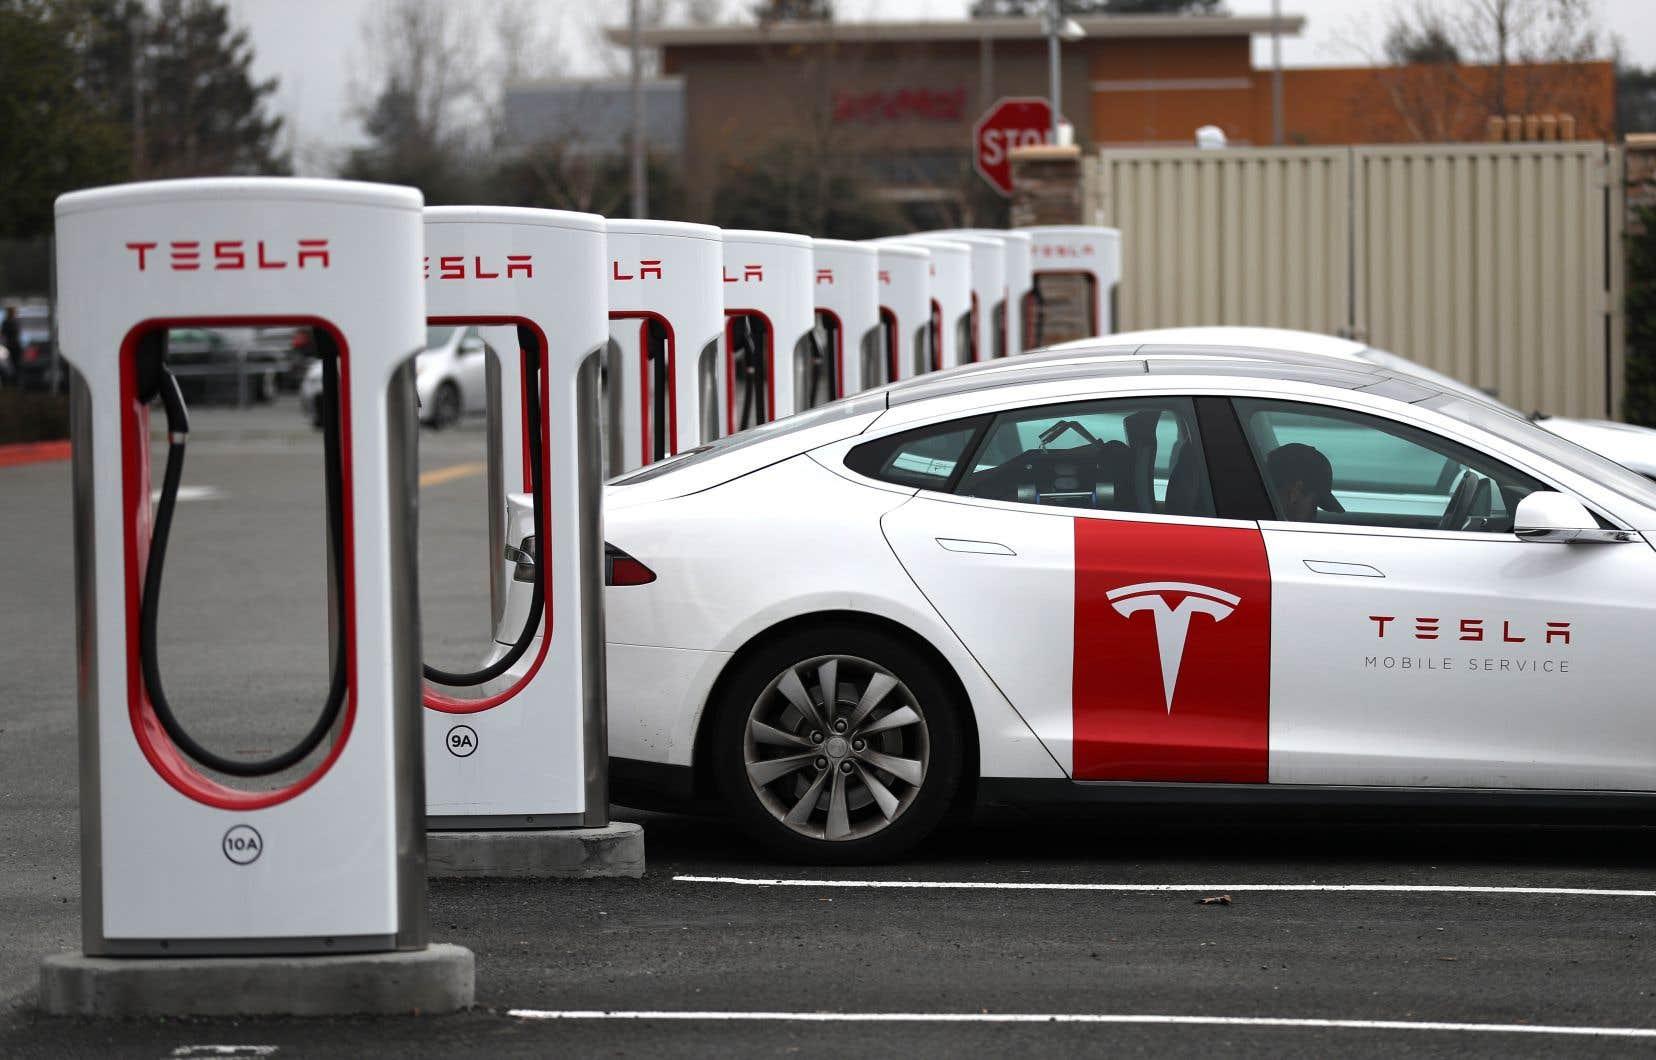 Le Québec comptait 69500 voitures électriques à la fin du mois de février, selon le Circuit électrique.